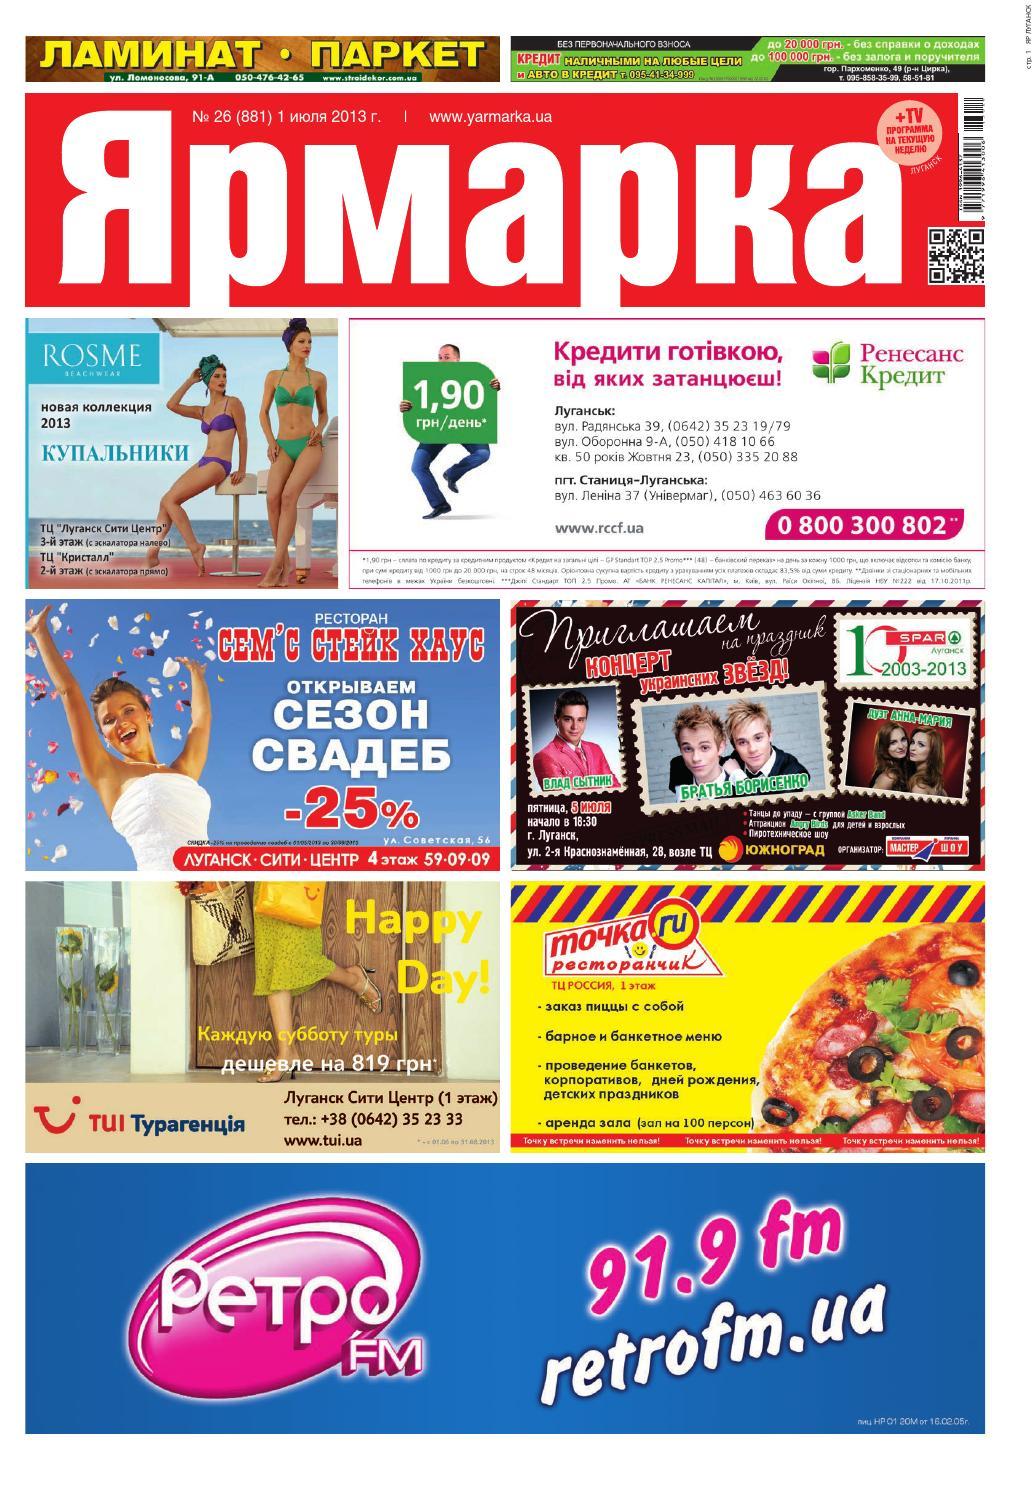 Купить принтер епсон lx300 2 частные объявления 2012год где дать объявление о интиме